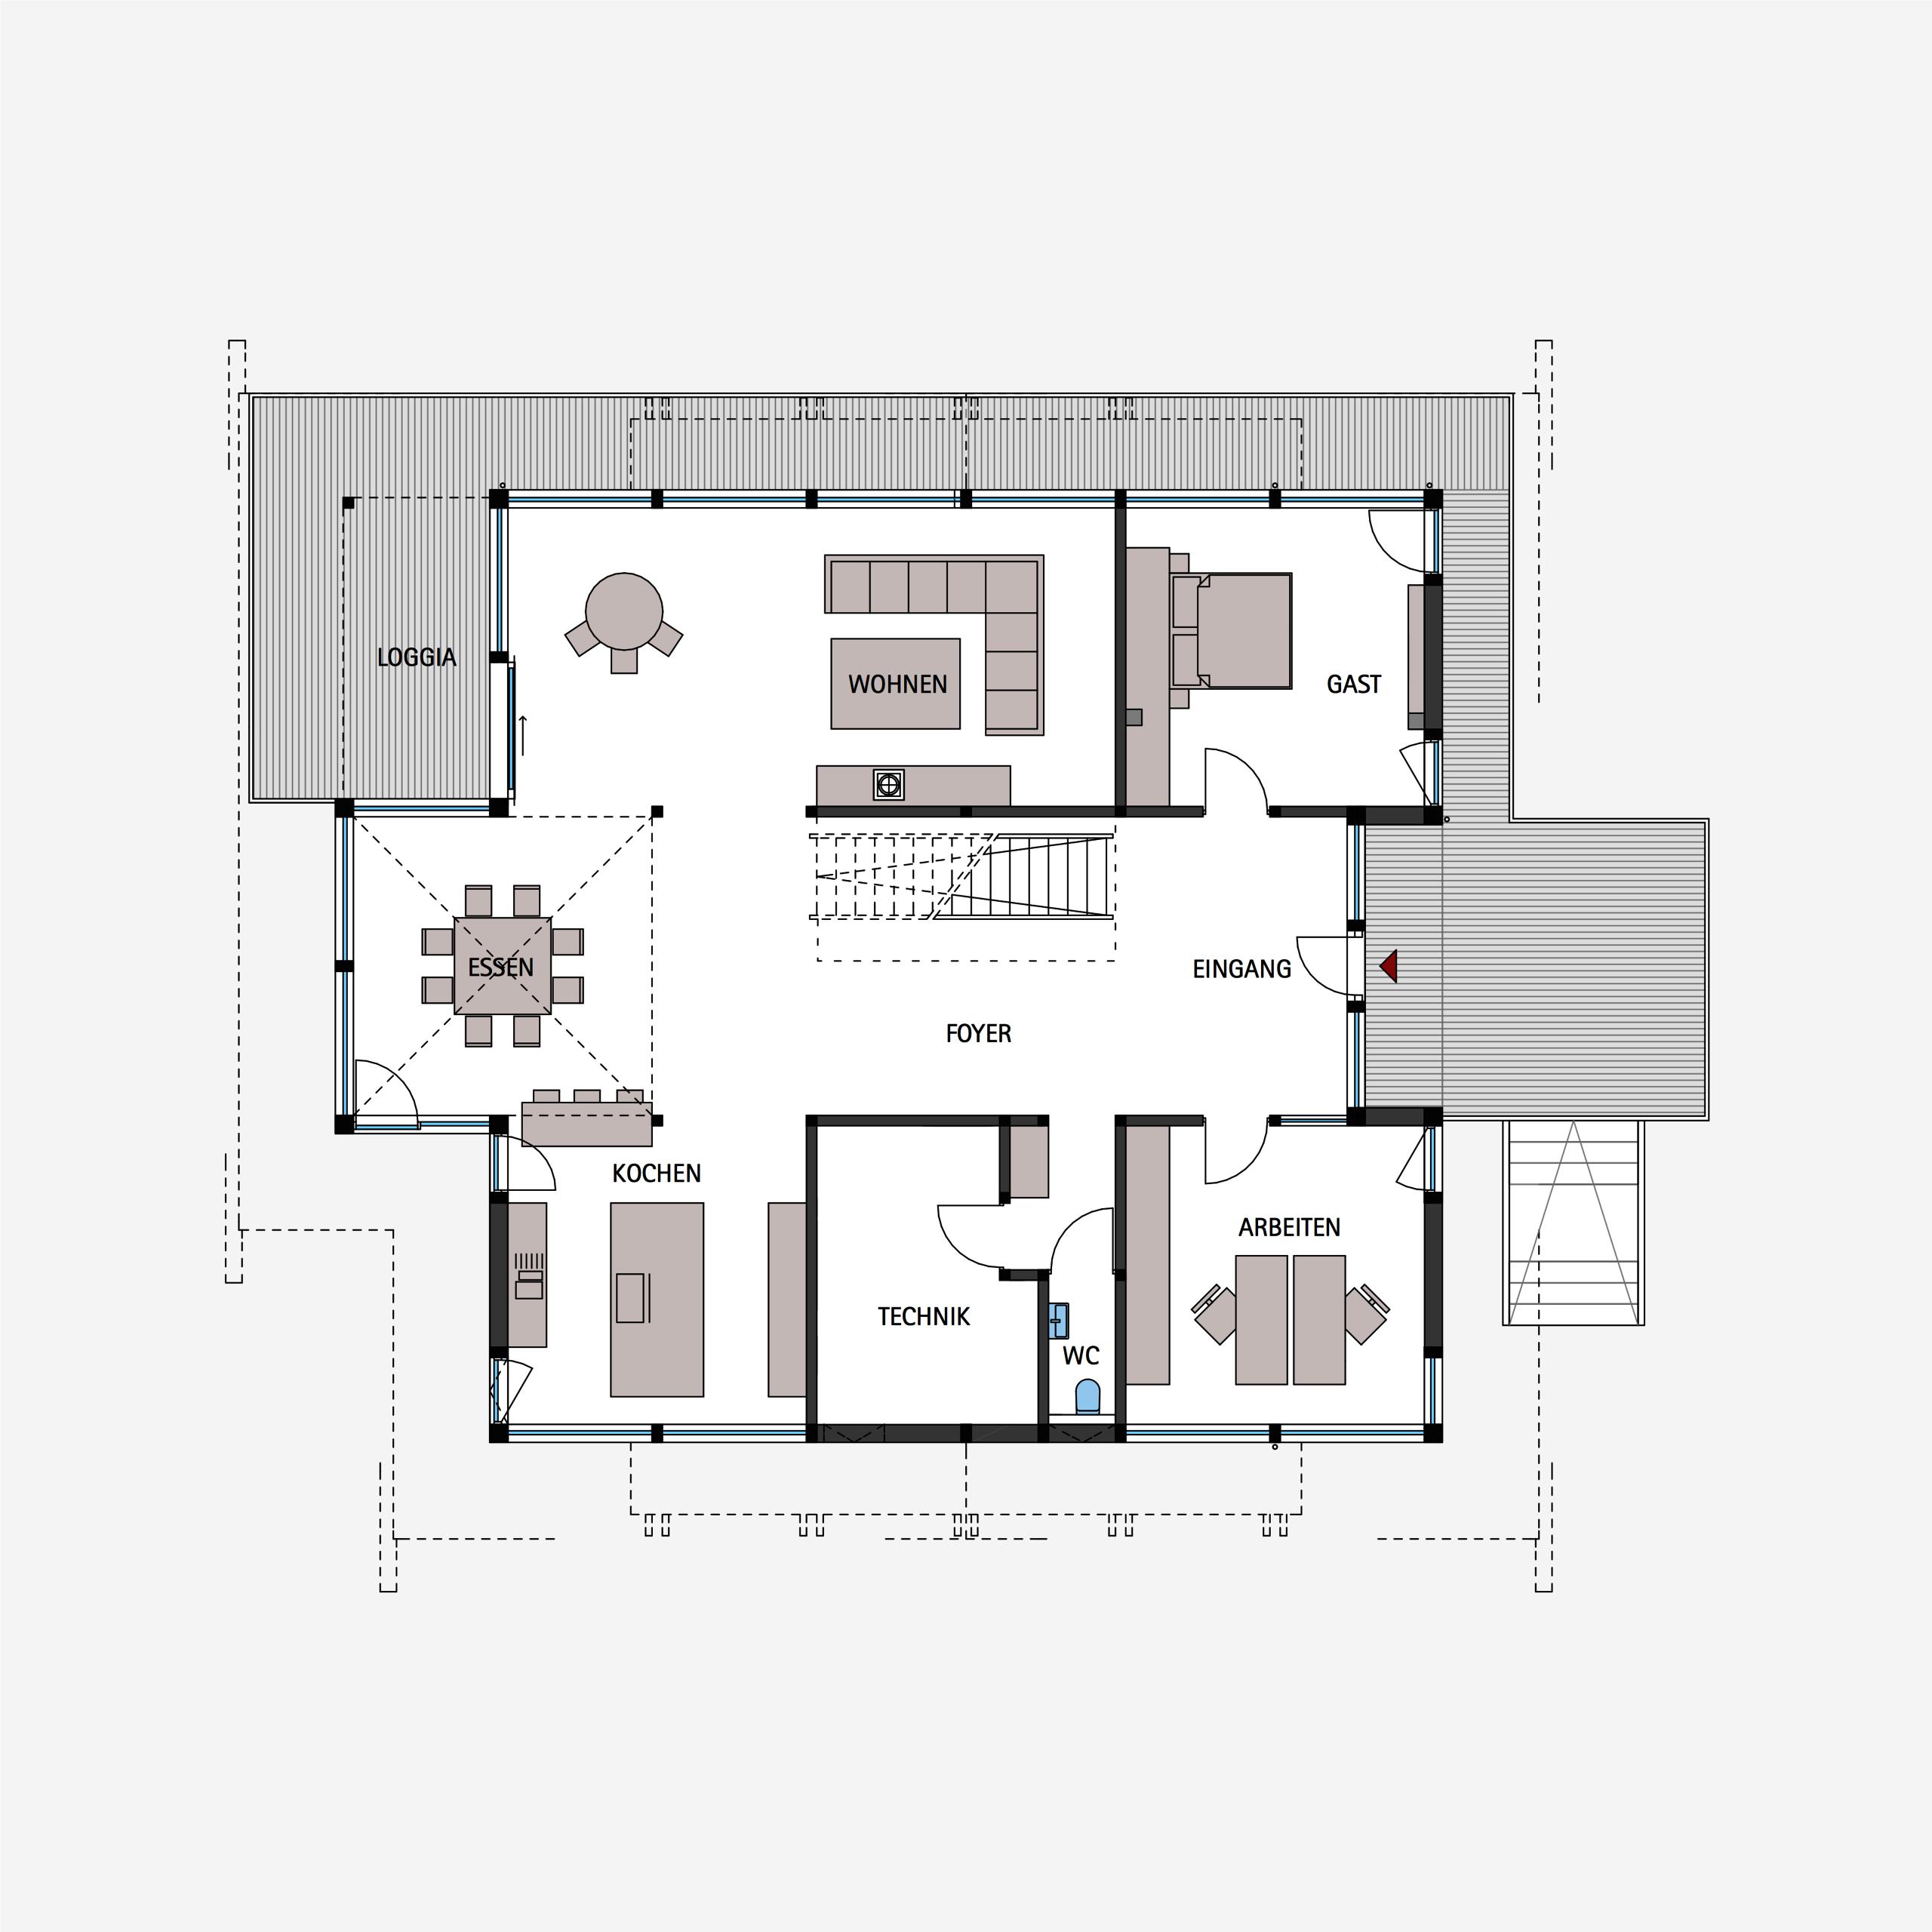 HUF Fachwerkhaus Grundriss Erdgeschoss ART 6 Grundriss